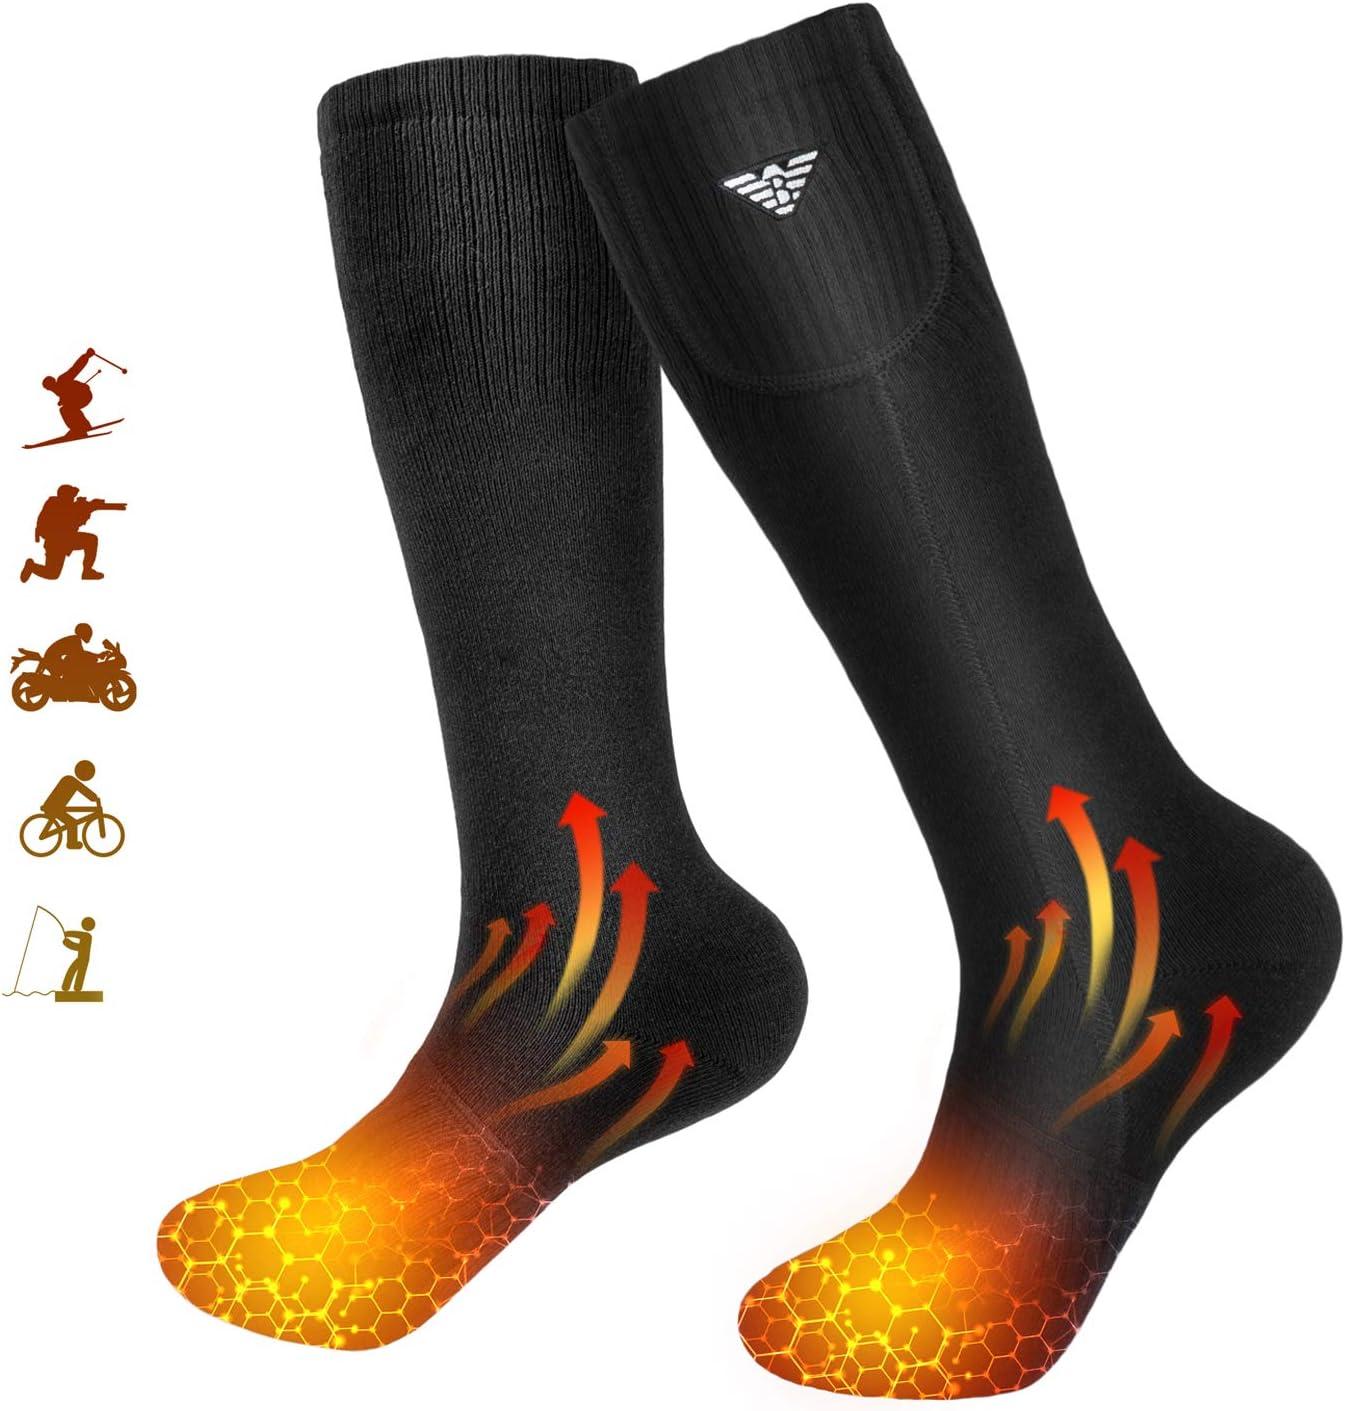 Calcetines Calefactables Hombres y Mujeres,Calcetines Calefactables El/éctricos,Calcetines A Bater/ía para Acampar//Pescar//Andar En Bicicleta//Motociclismo//Esquiar